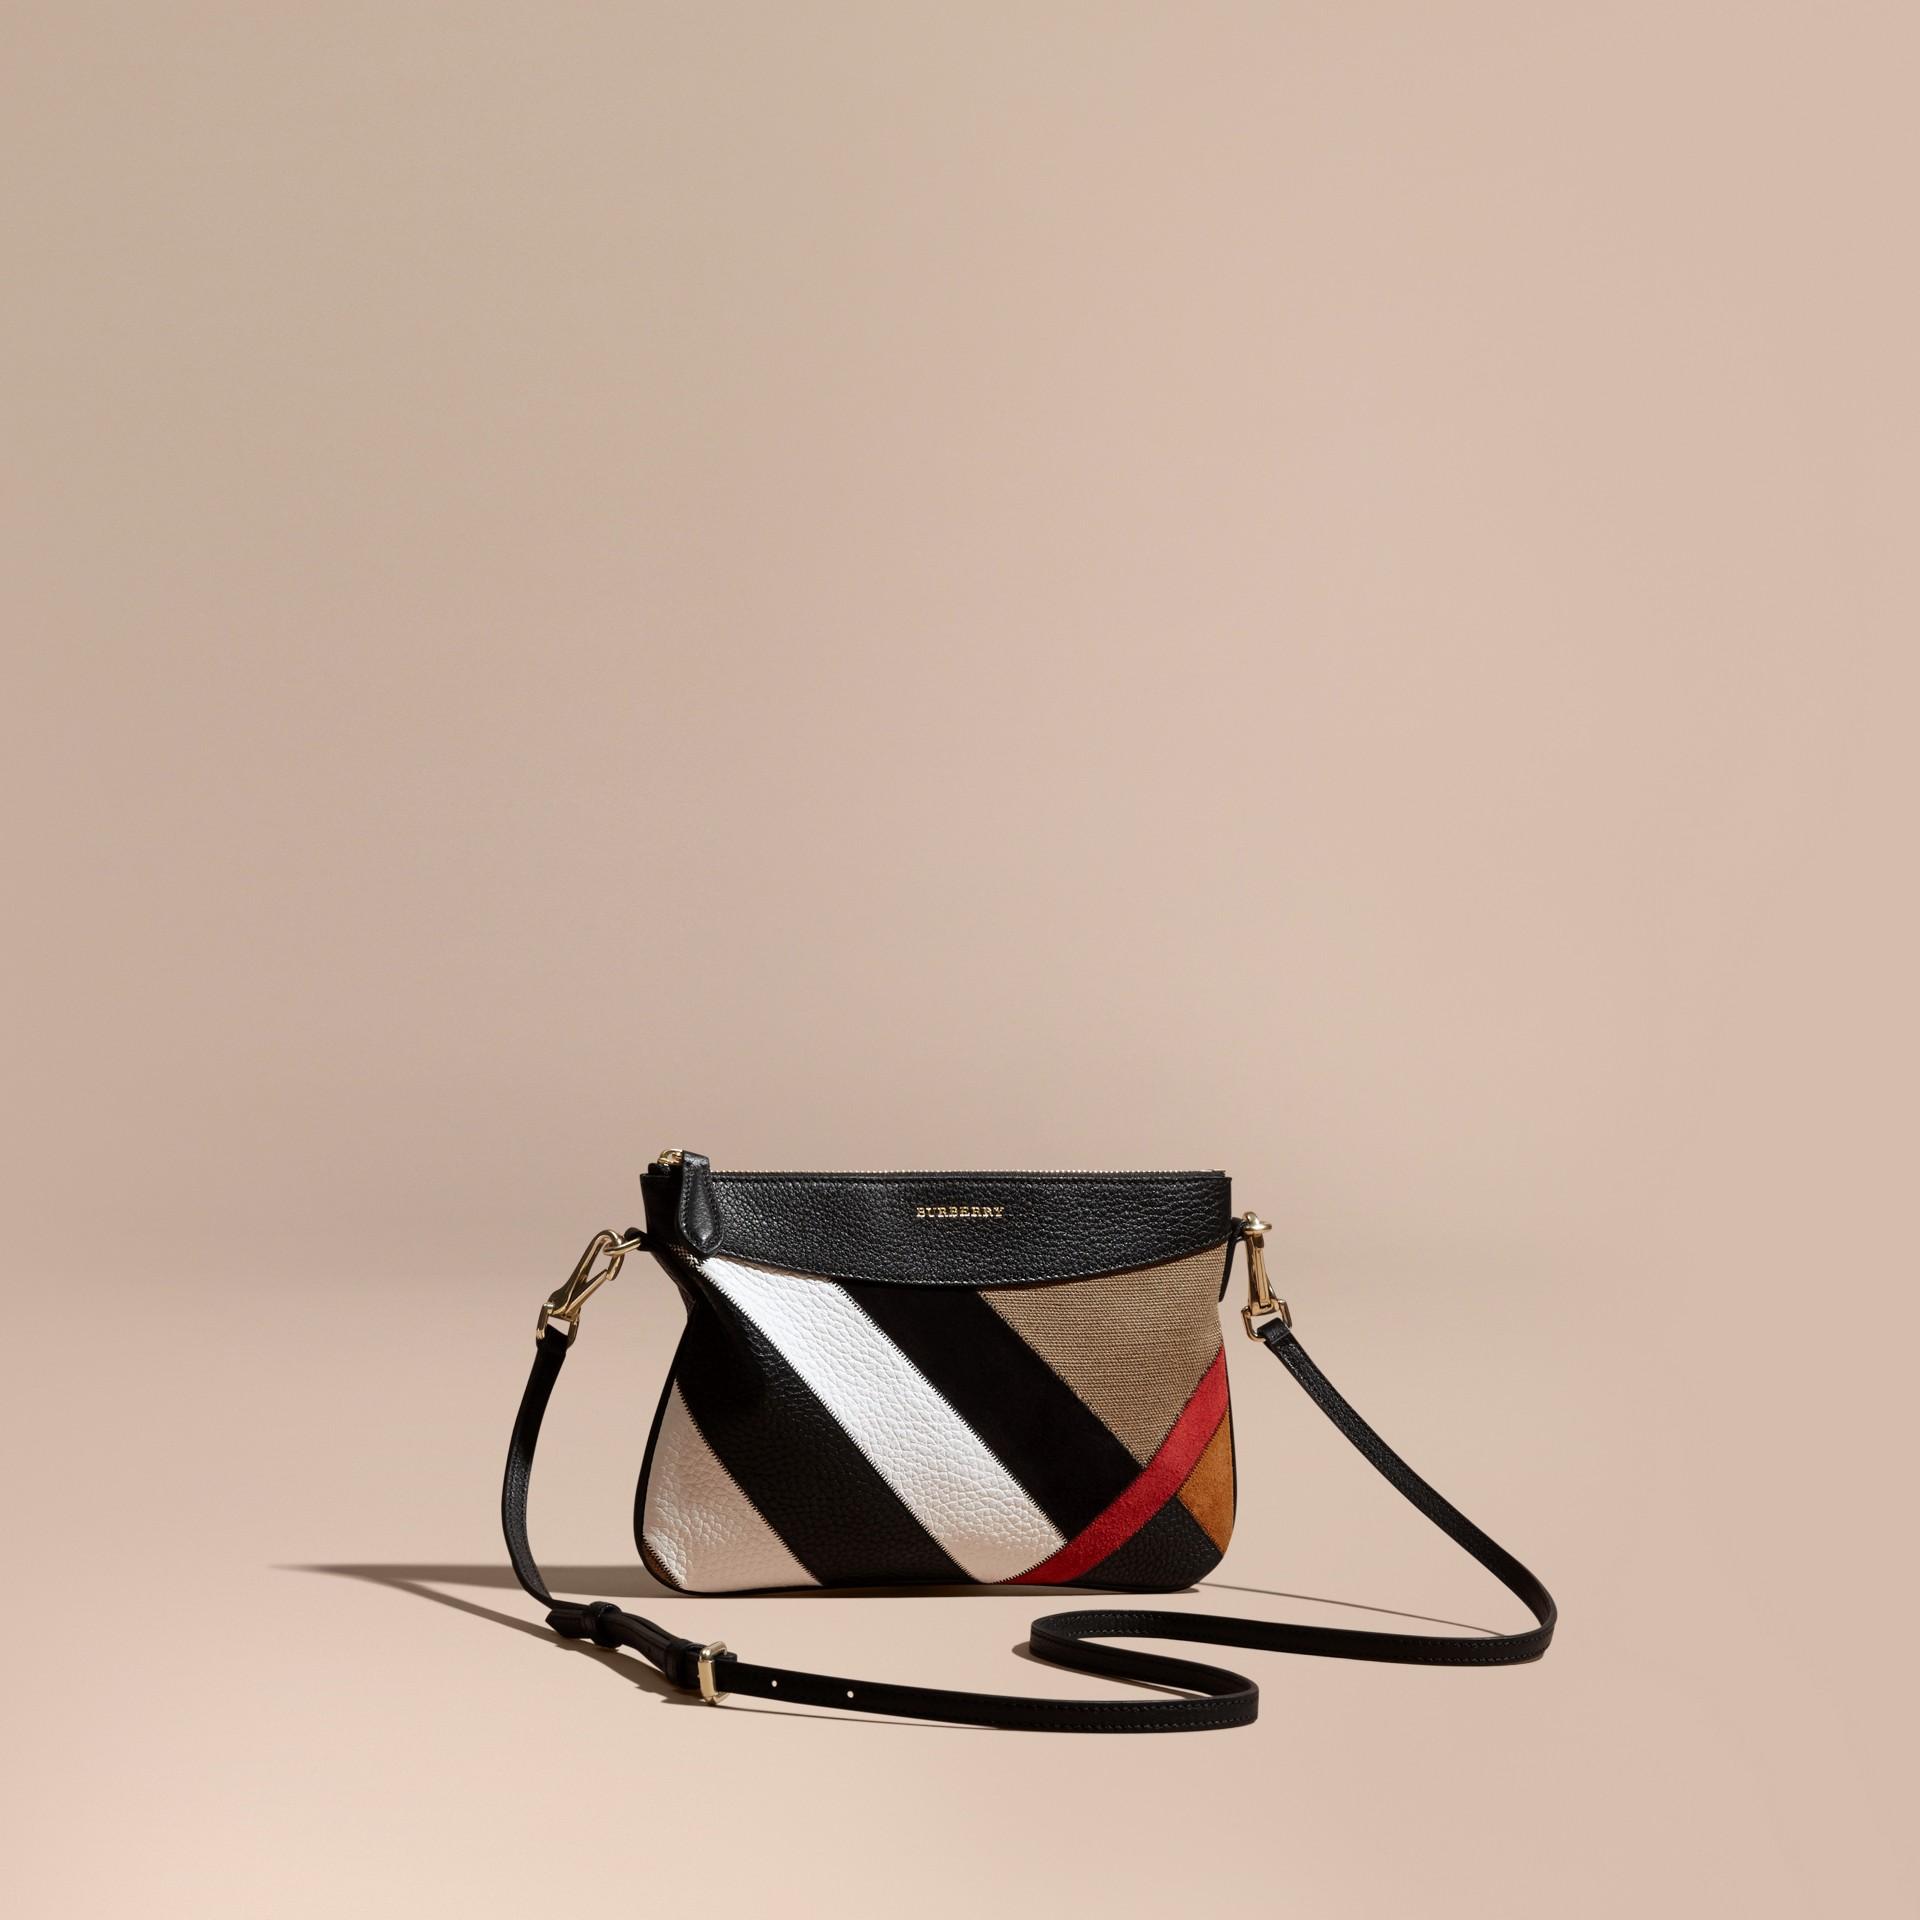 Nero Pochette in patchwork di pelle, pelle scamosciata, iuta e cotone con motivo tartan - immagine della galleria 1